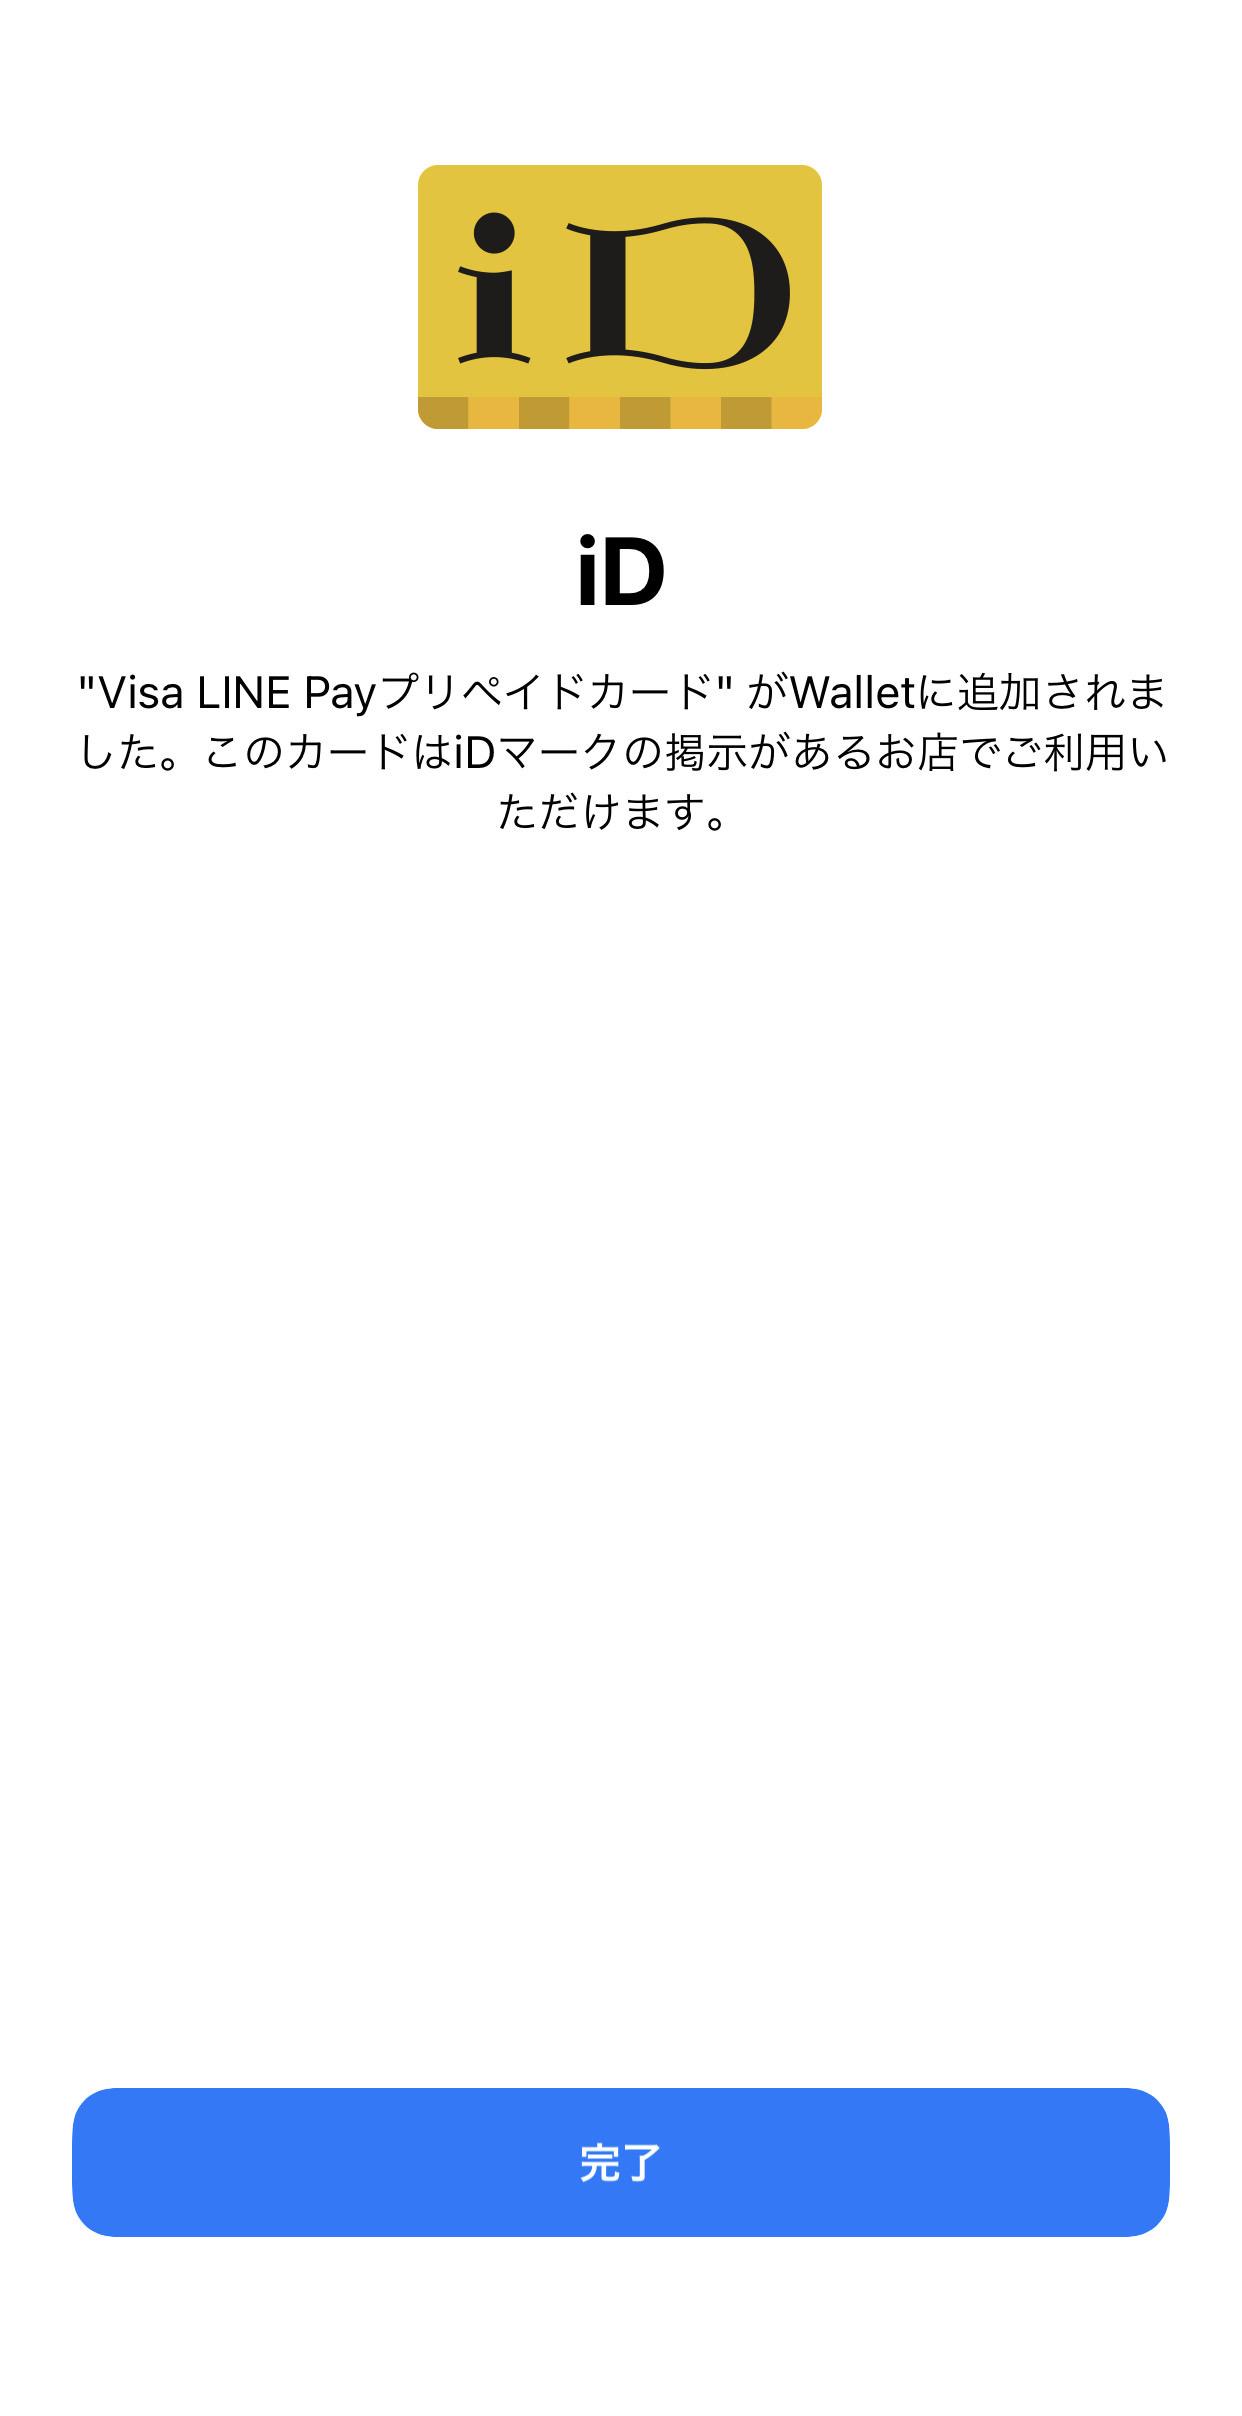 【LINE Pay】プリペイドカード発行でApple PayによるiDタッチ決済が可能に 05